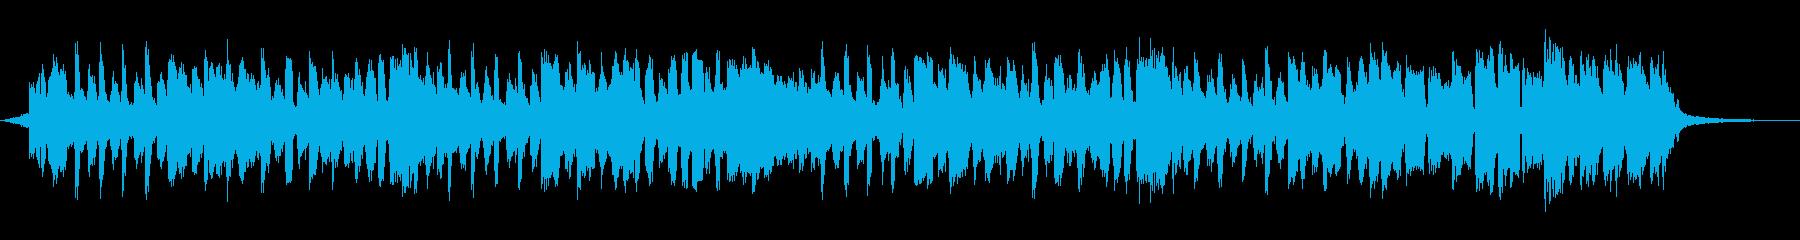 ハッピーバースデーの歌30秒の再生済みの波形